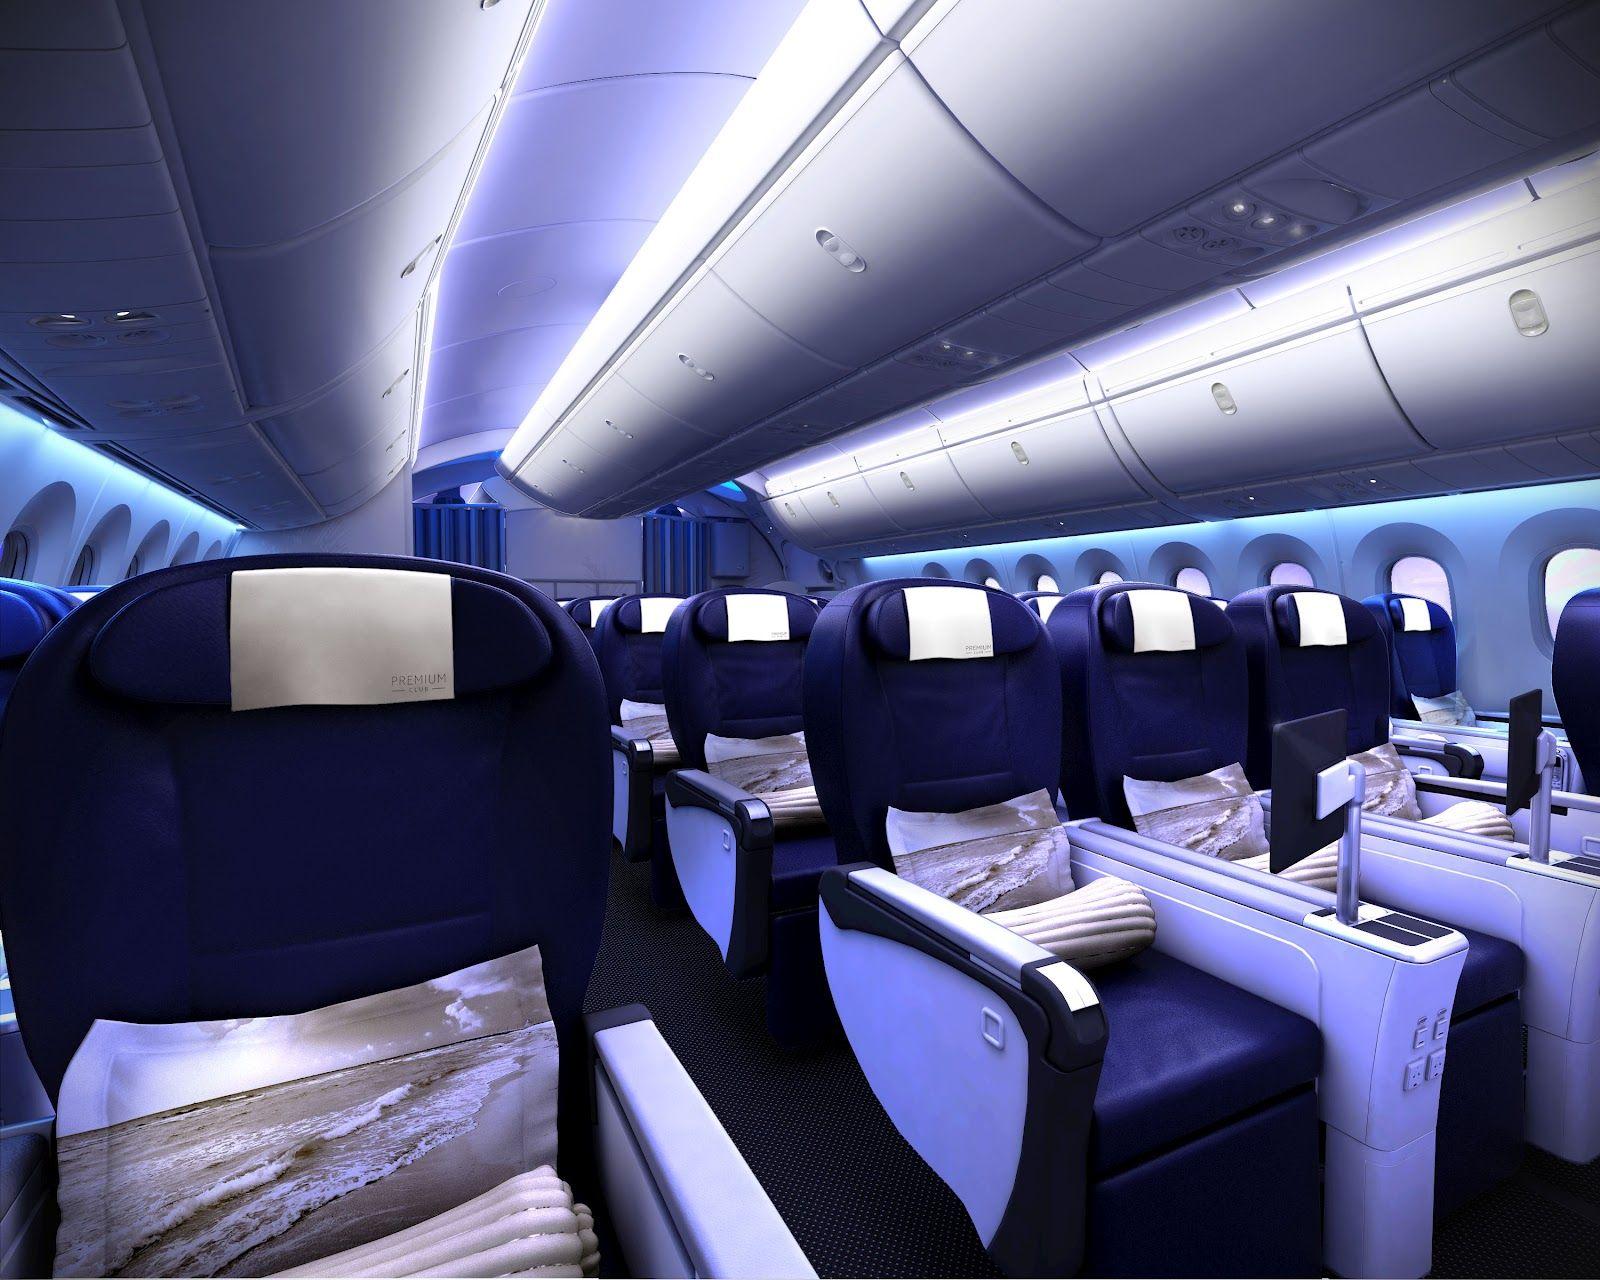 Boeing 787 interior coach viewing gallery - Thomson 787 Dreamliner Premium Club Thomson Airways New Boeing 787 Is Scheduled To Enter Service